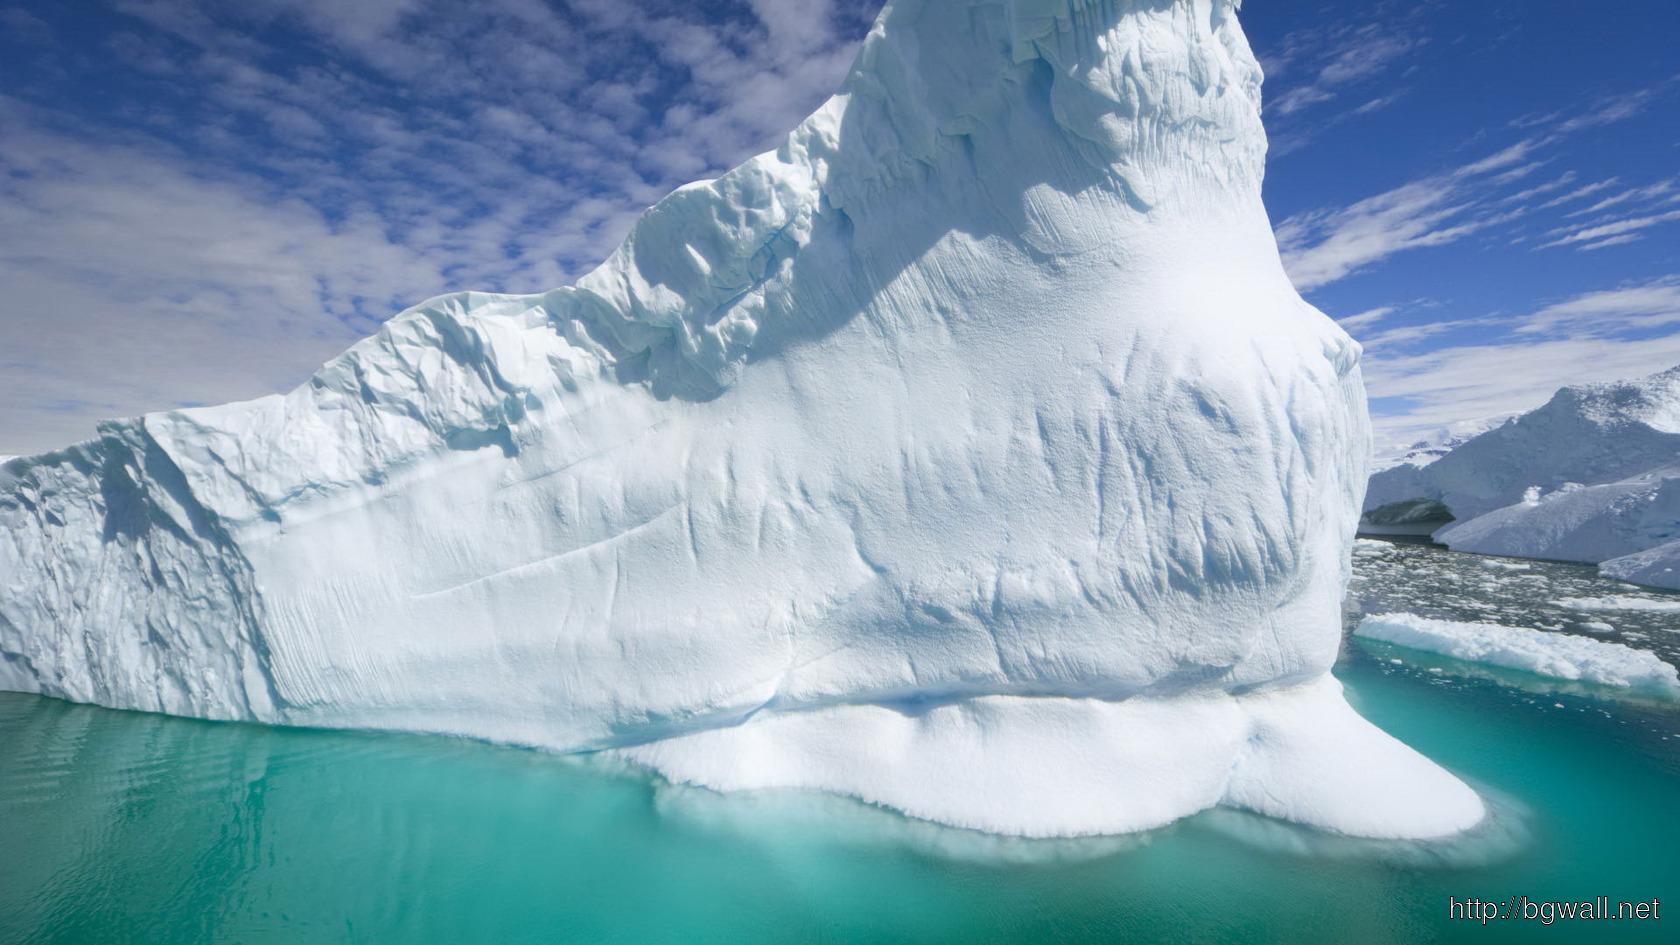 Iceberg Wallpaper 1143 Full Size Background Wallpaper Hd